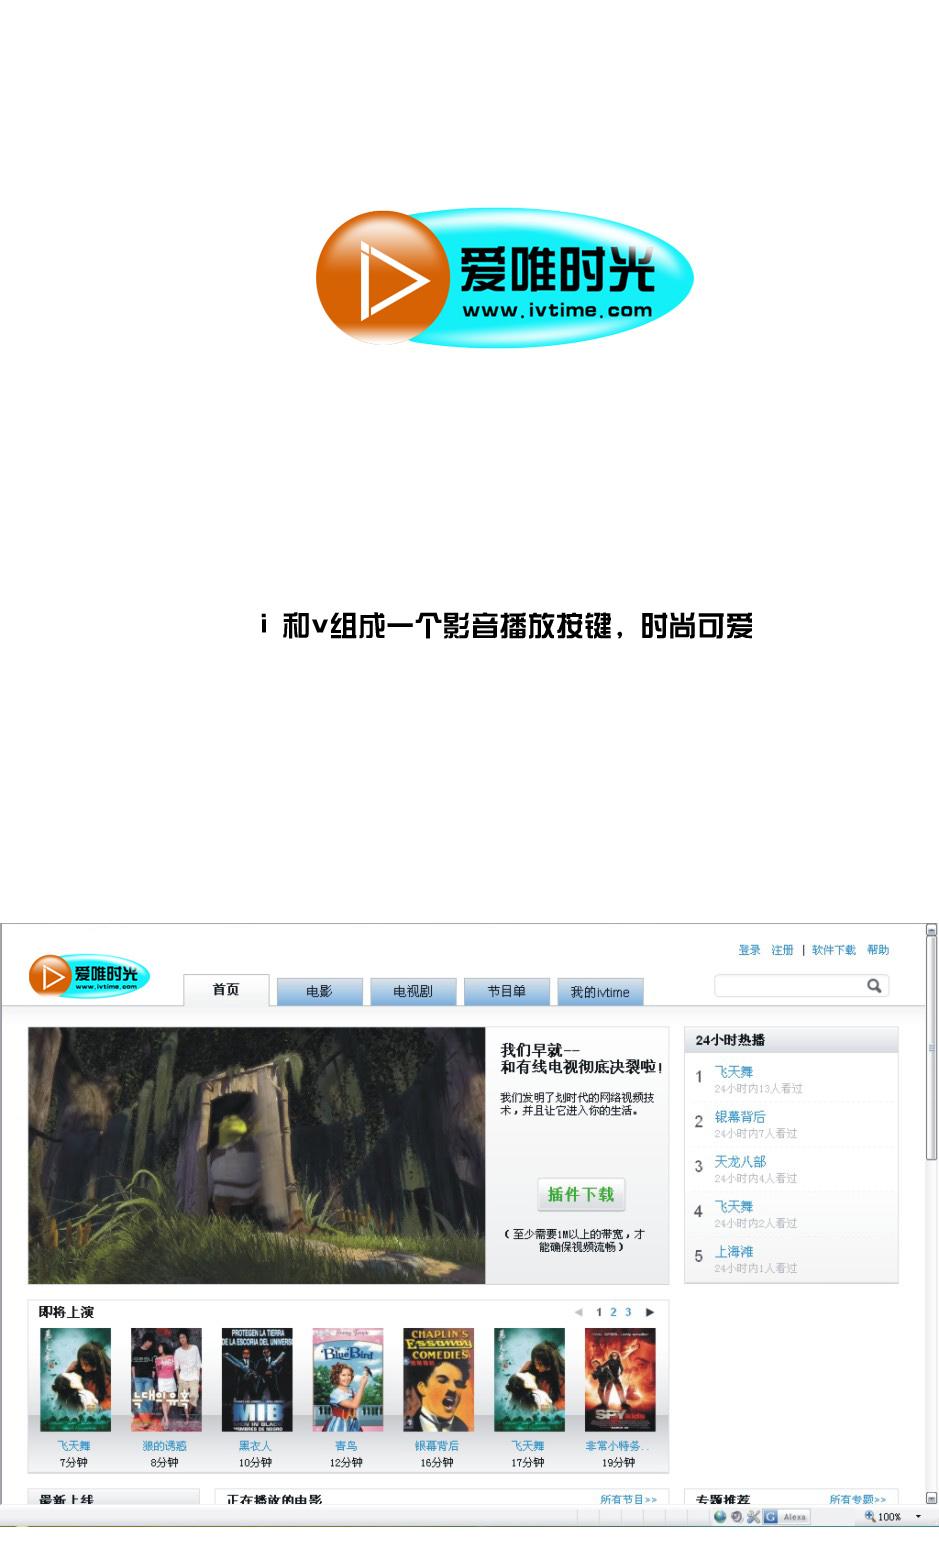 视频网站logo设计(中标:dna设计,叶方)- 稿件[#1521231]